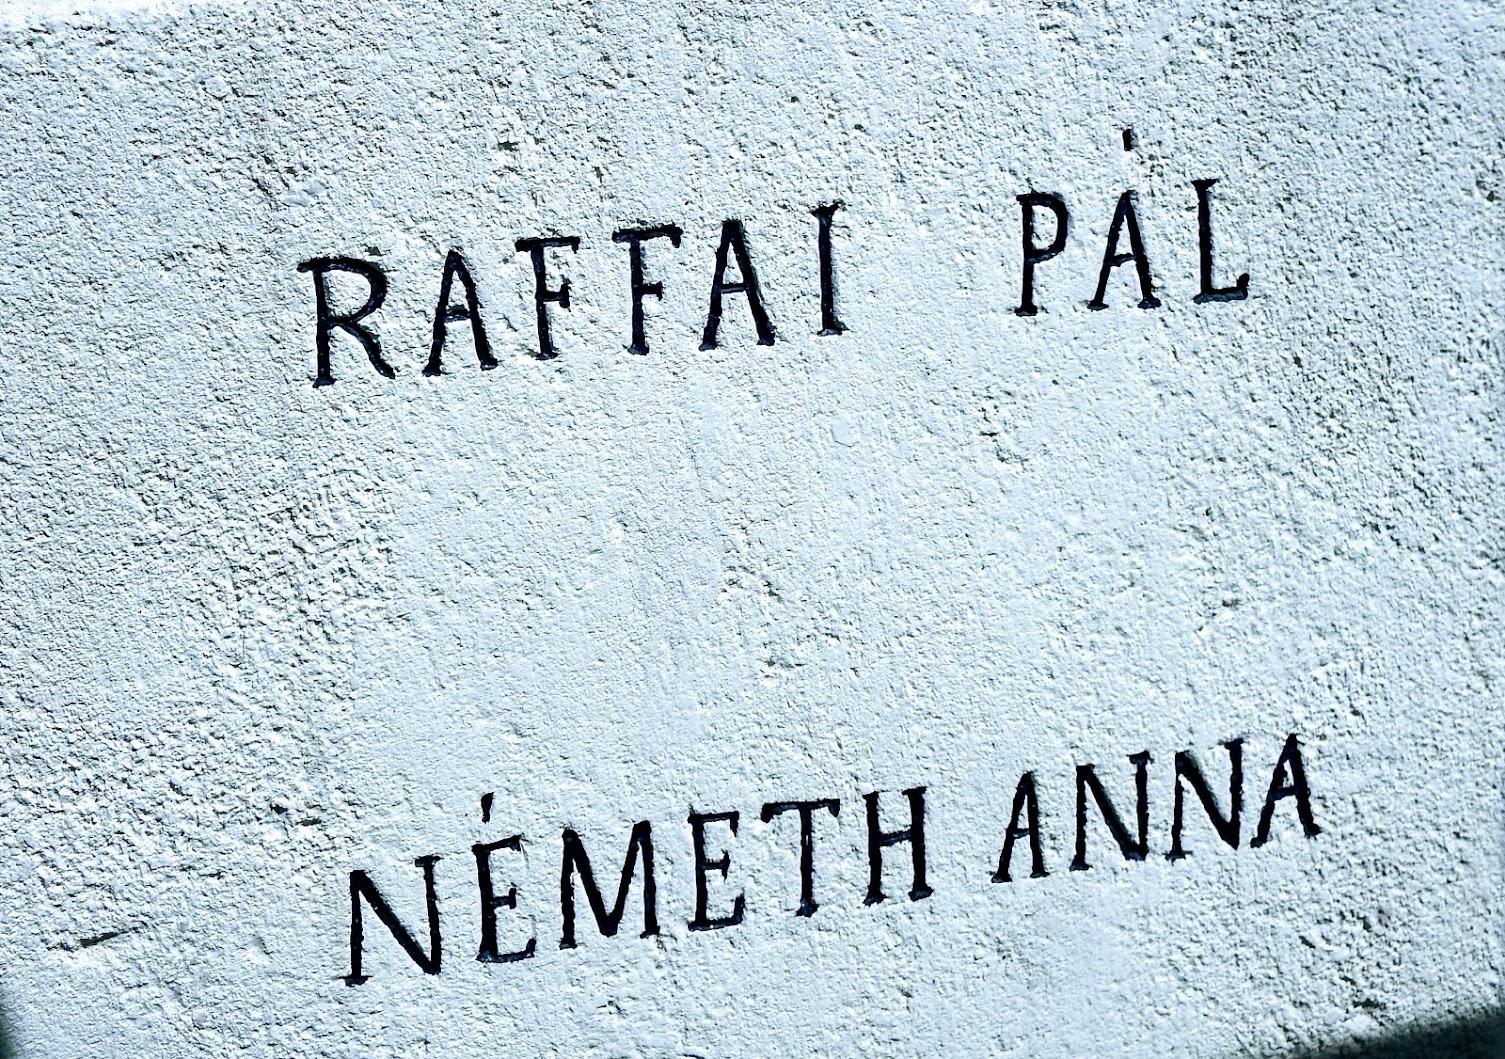 Szombathely - Raffai-kereszt Herényben